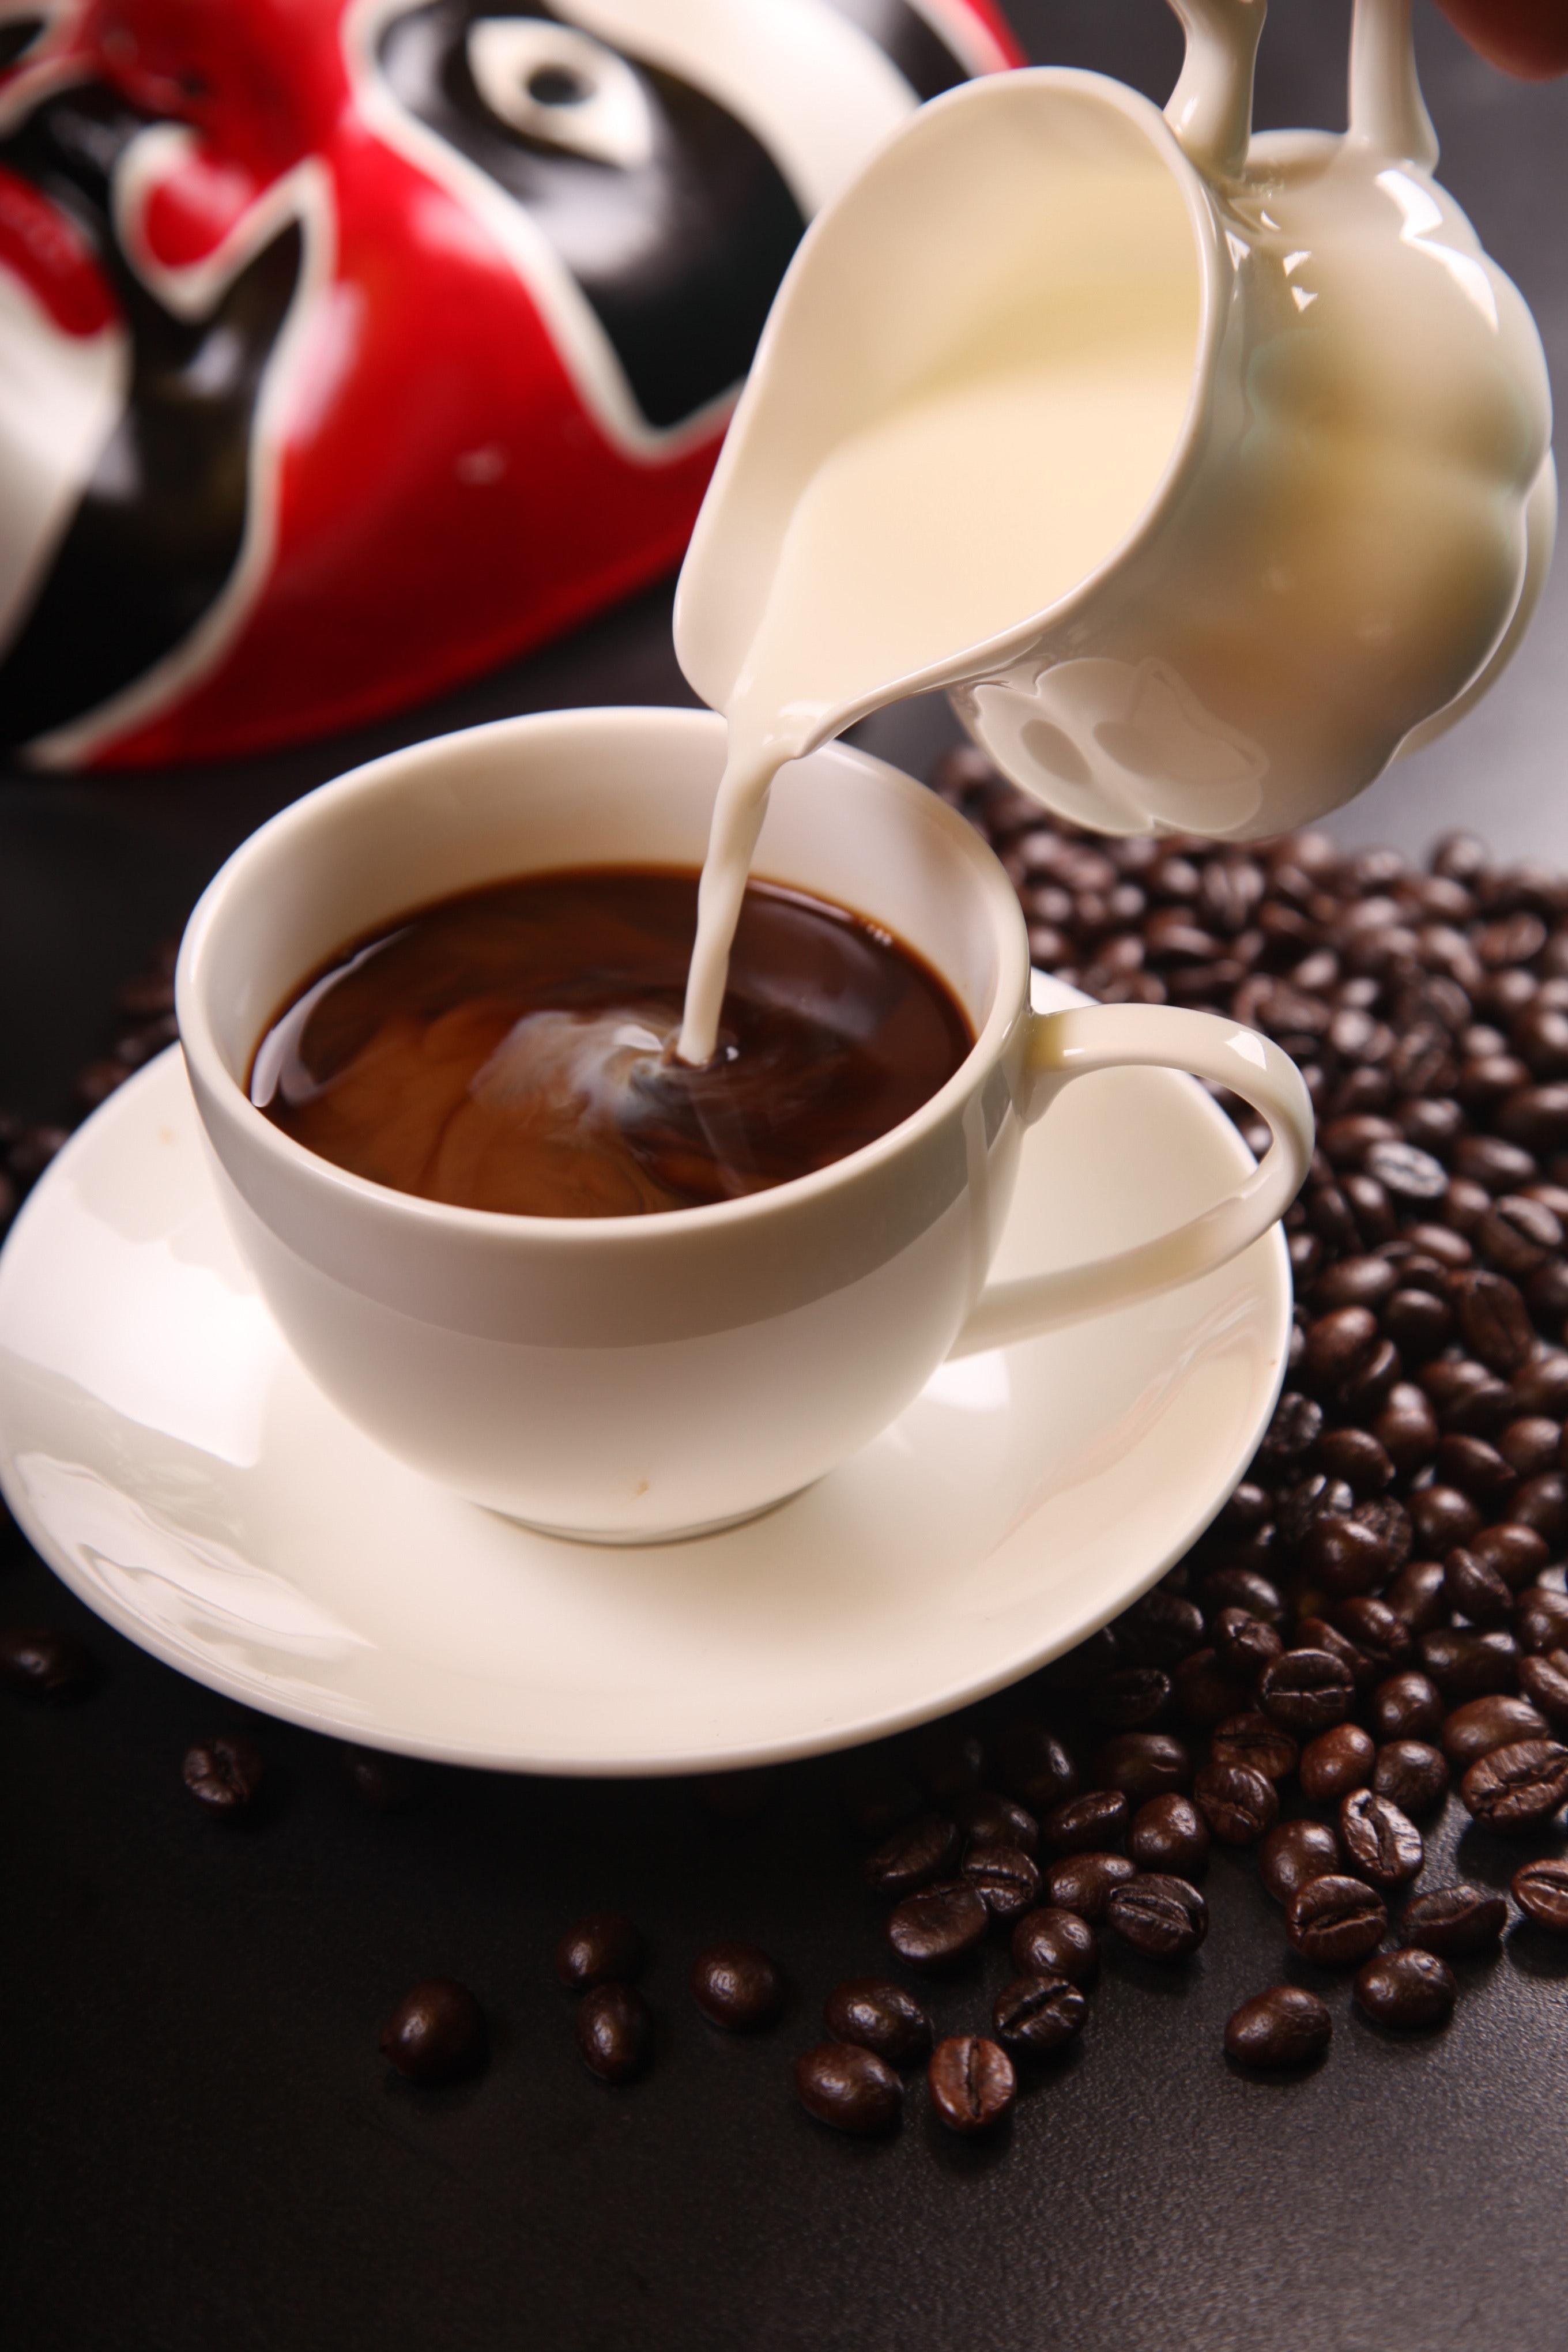 Kết quả hình ảnh cho cafein